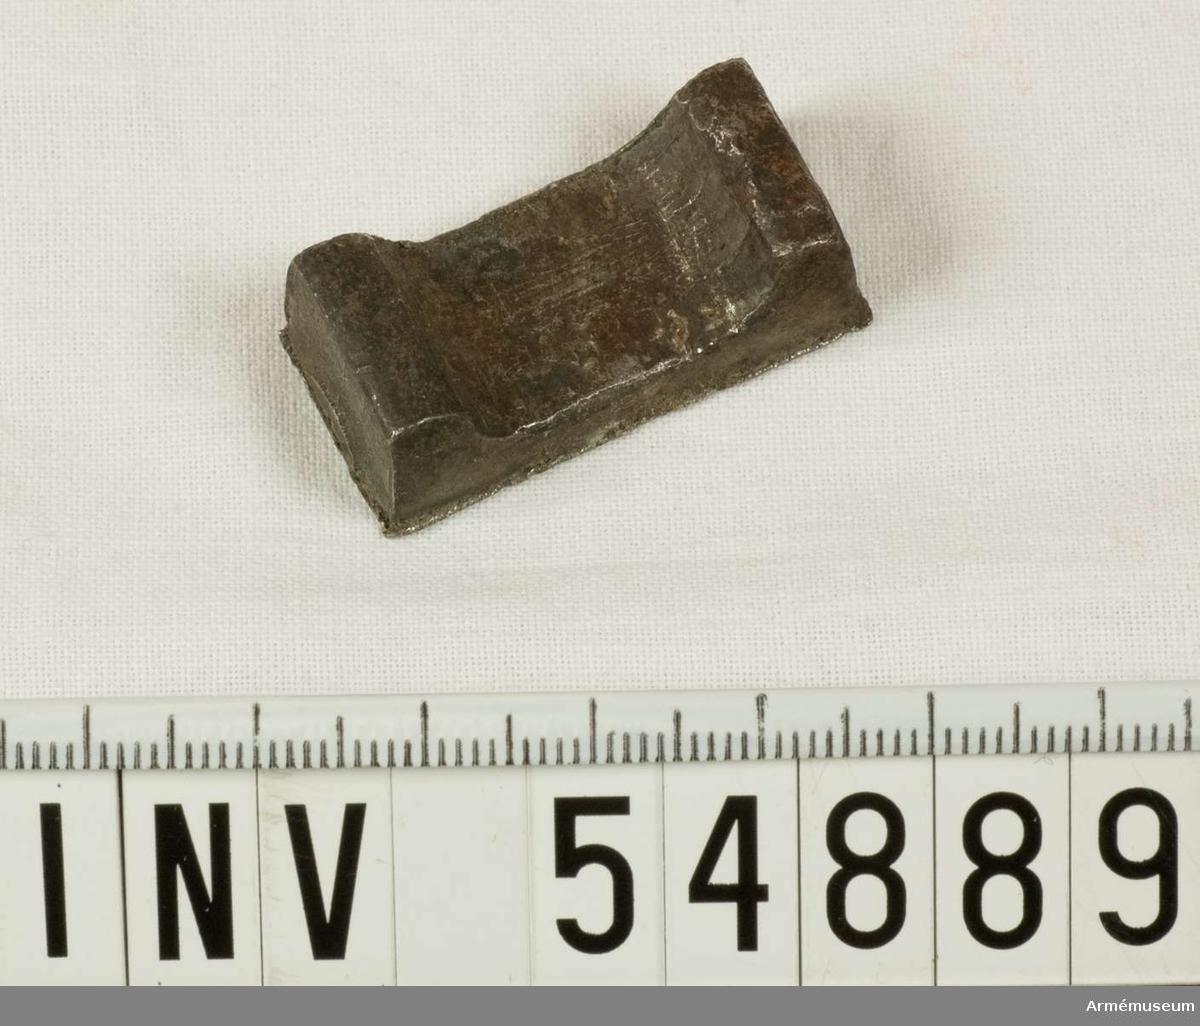 Grupp E VIII.   Del till pipa. Nr 4 (av 9. Ev. saknas en 10:e.) i tillverkningsordningen. Gevärsdel t 1867 års gevär m/1867; en av c:a 400 delar.